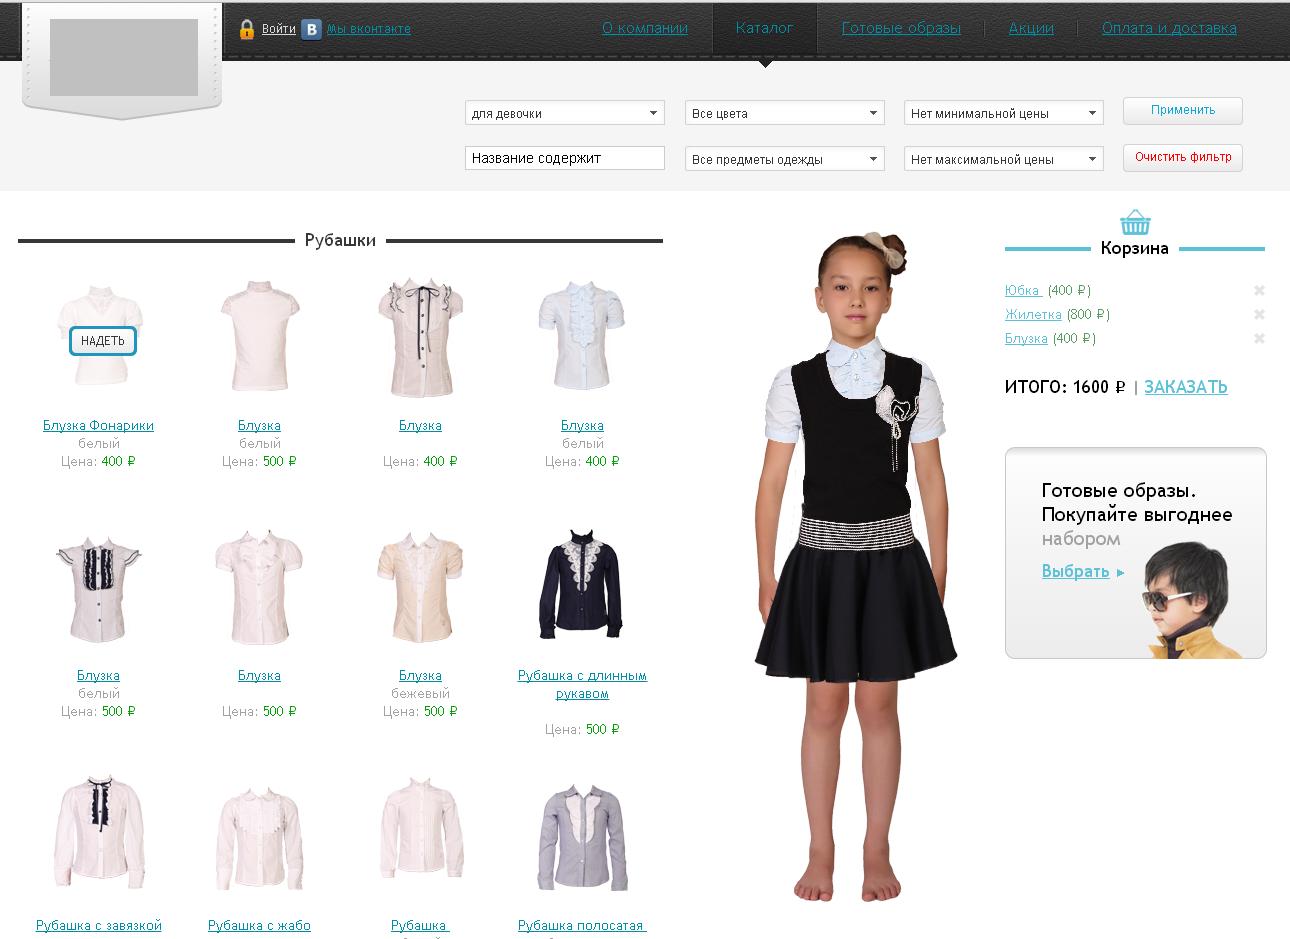 034757a3f01 Предлагаем готовое решение дла вашего интернет магазина одежды. Движок  сайта